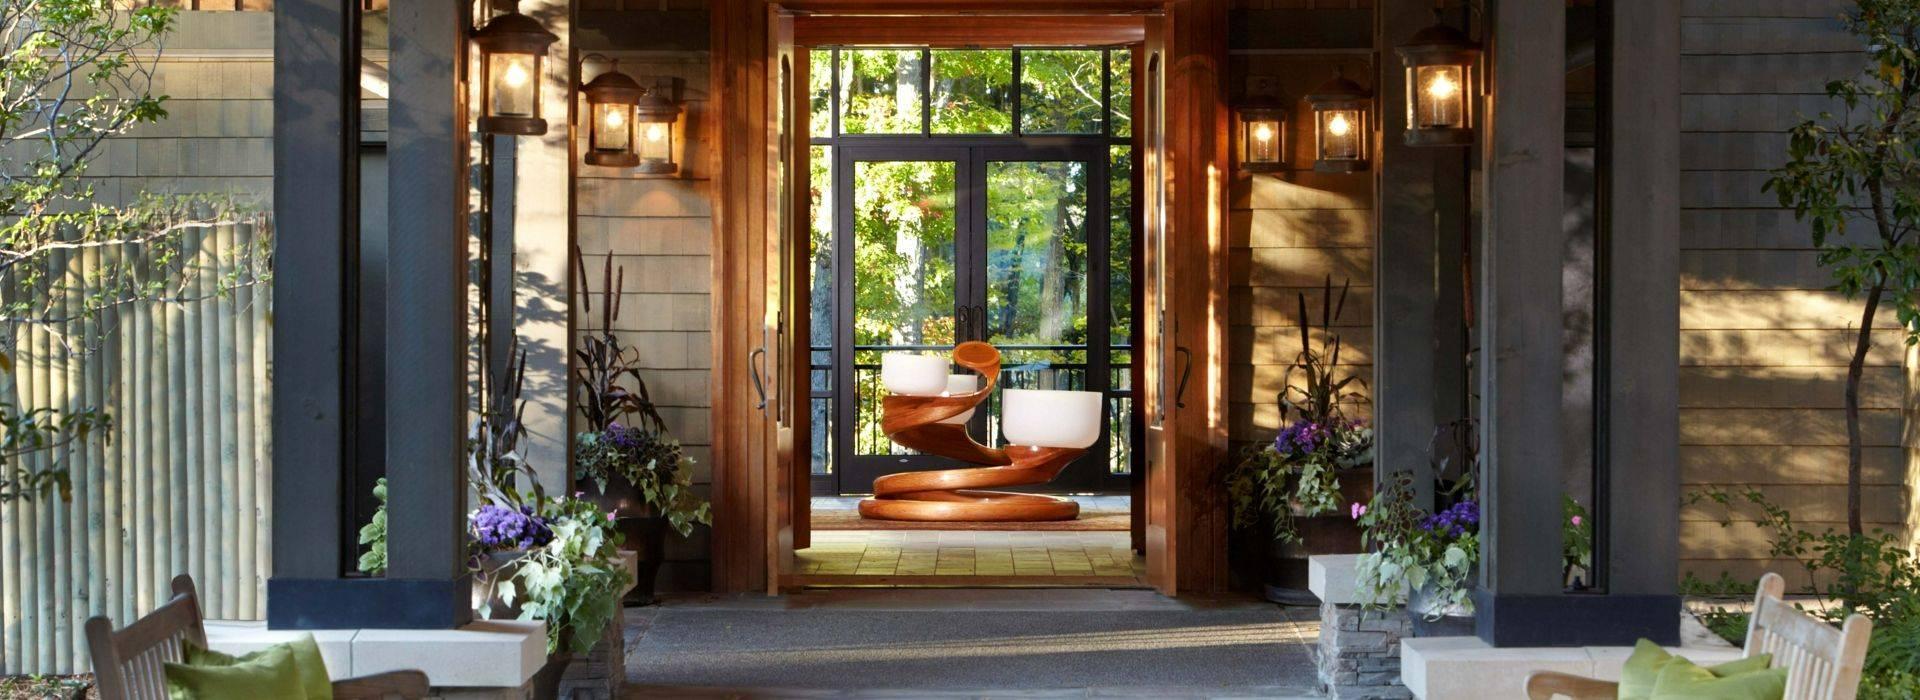 lodge-at-woodloch-EntranceChakraBowls1_HiRes.jpg